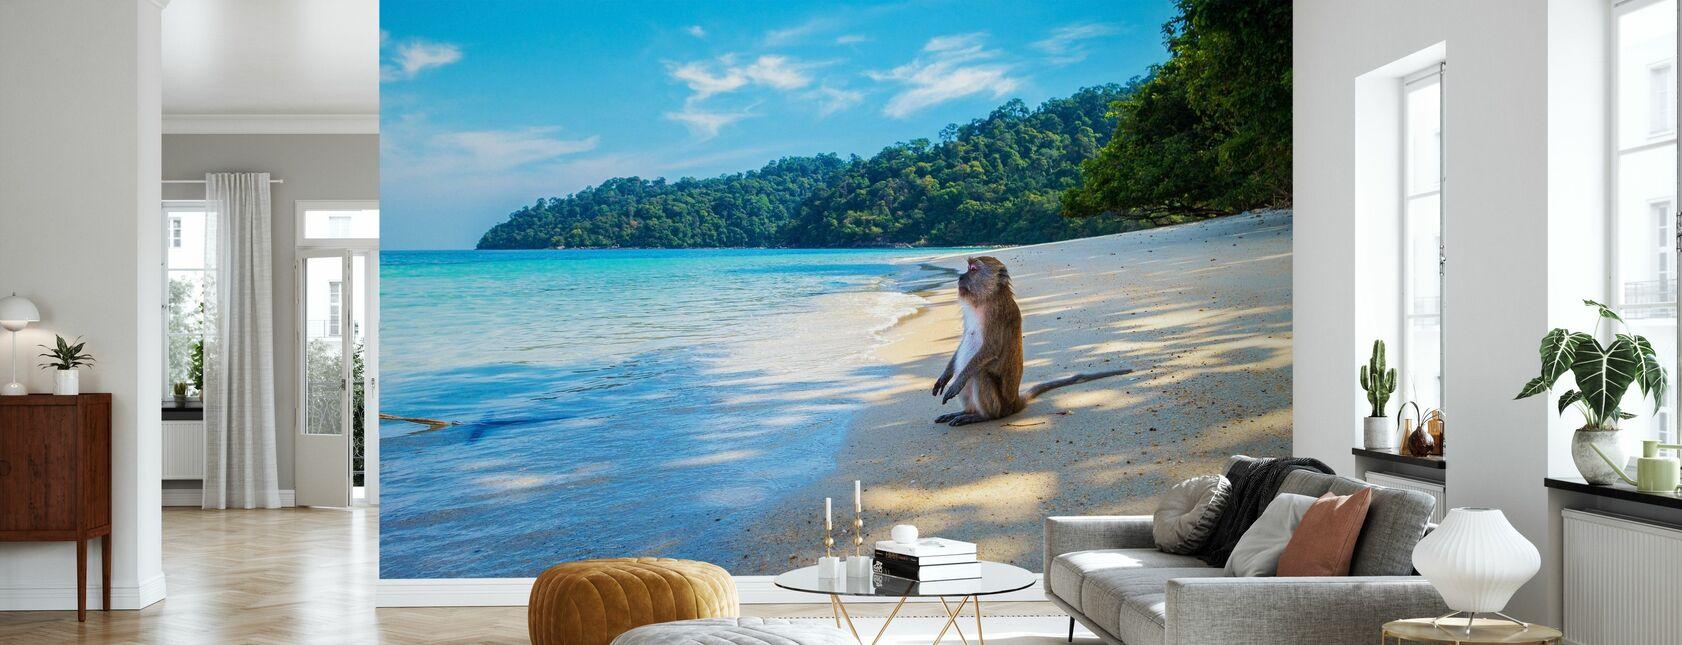 Aap bij het strand - Behang - Woonkamer